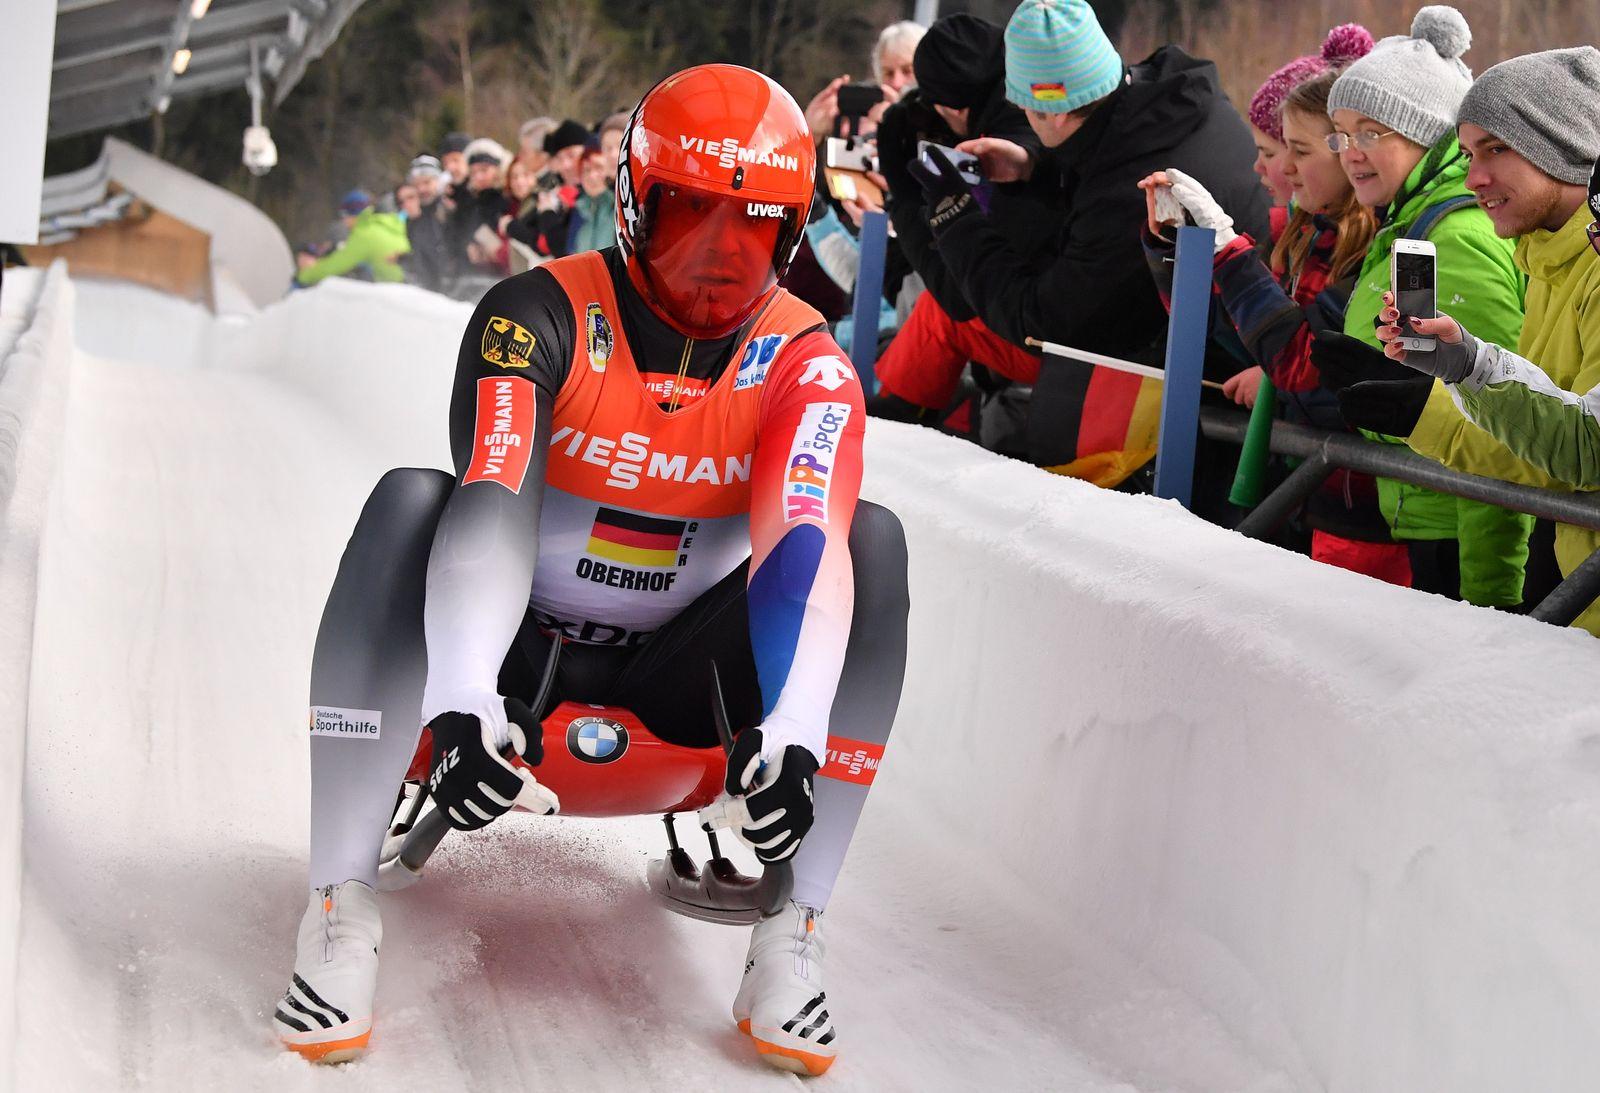 Rodeln Weltcup in Oberhof